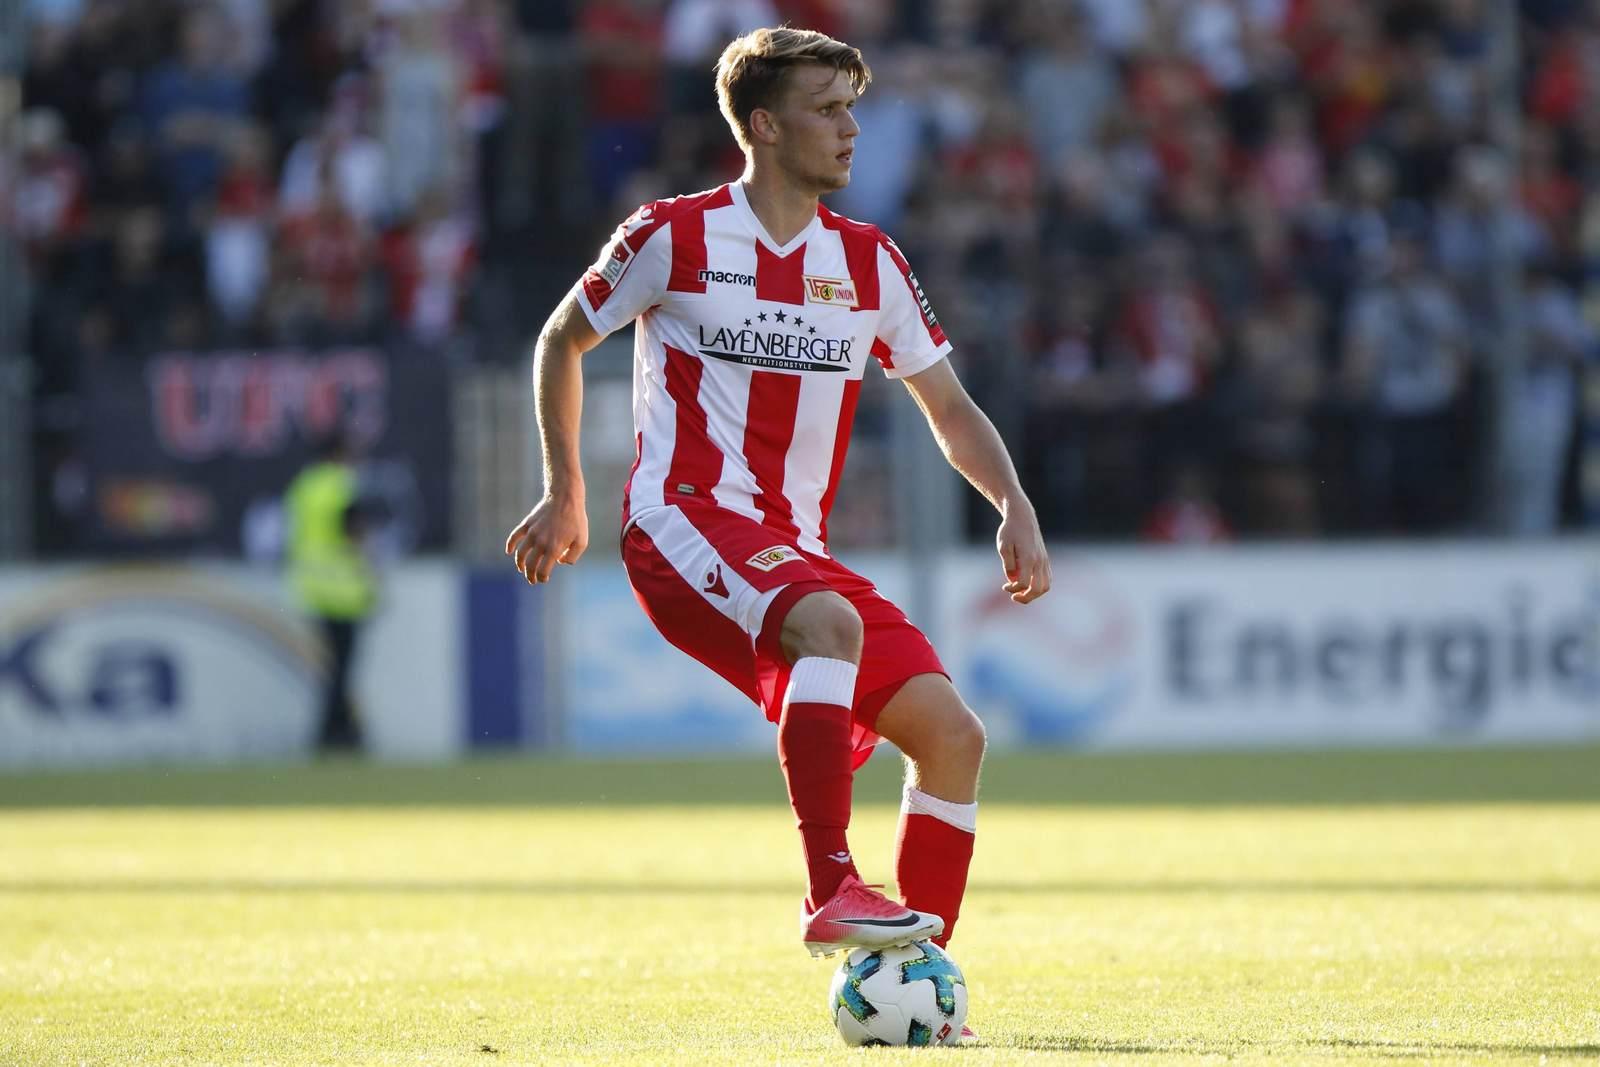 Lukas Lämmel im Trikot von Union Berlin. Jetzt macht Lämmel ein Probetraining beim FC Saarbrücken